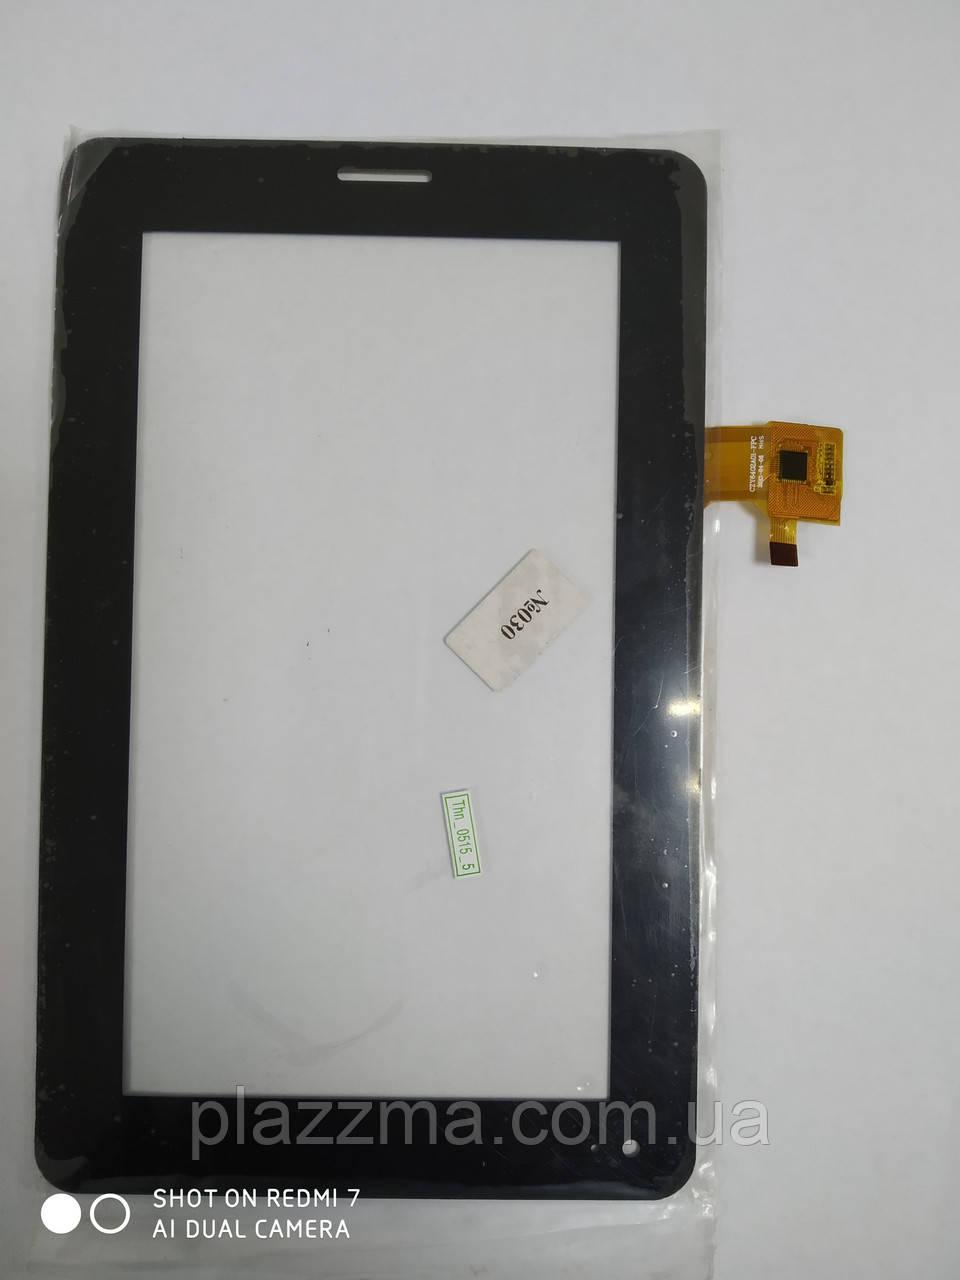 Тачскрин (сенсор) под китайский планшет Samsung P3100, YJ031FPC-V0, CZY6313A01-FPC, CZY6402A01-FPC, черный, 10